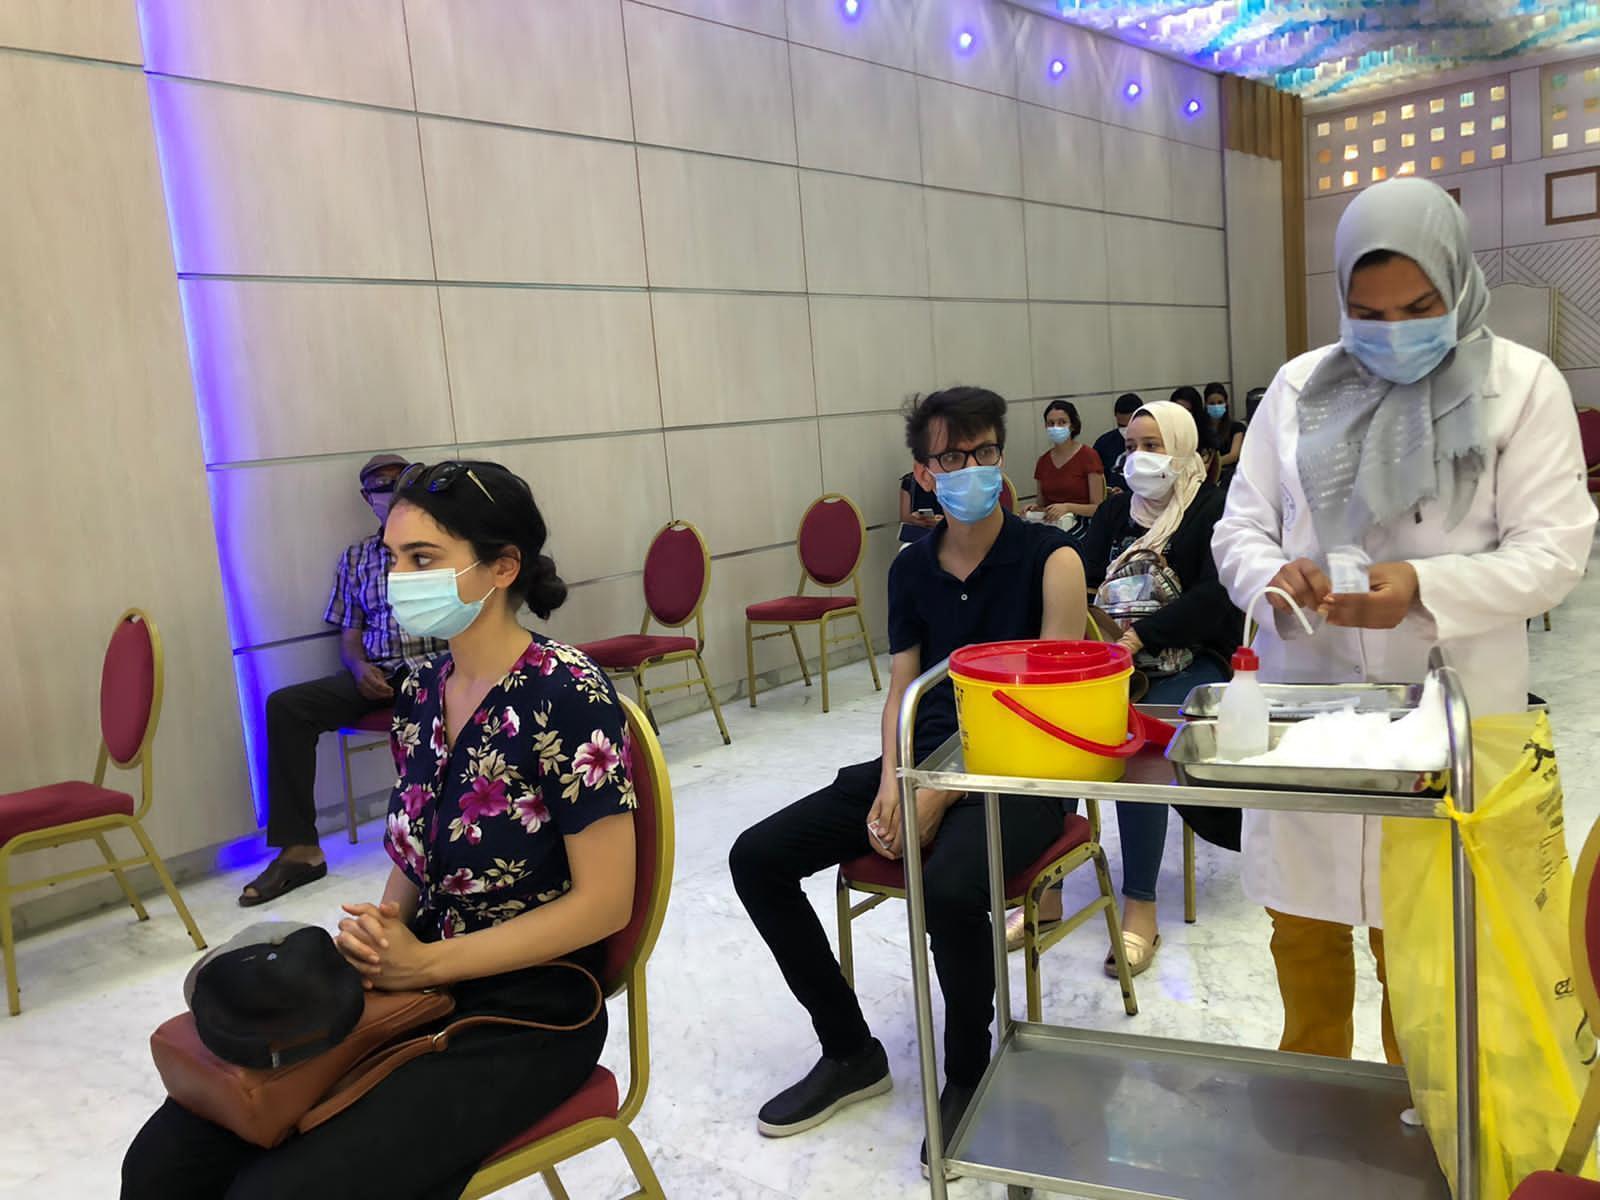 Centre de vaccination du palais des congrès 29/07/2021, Tunis